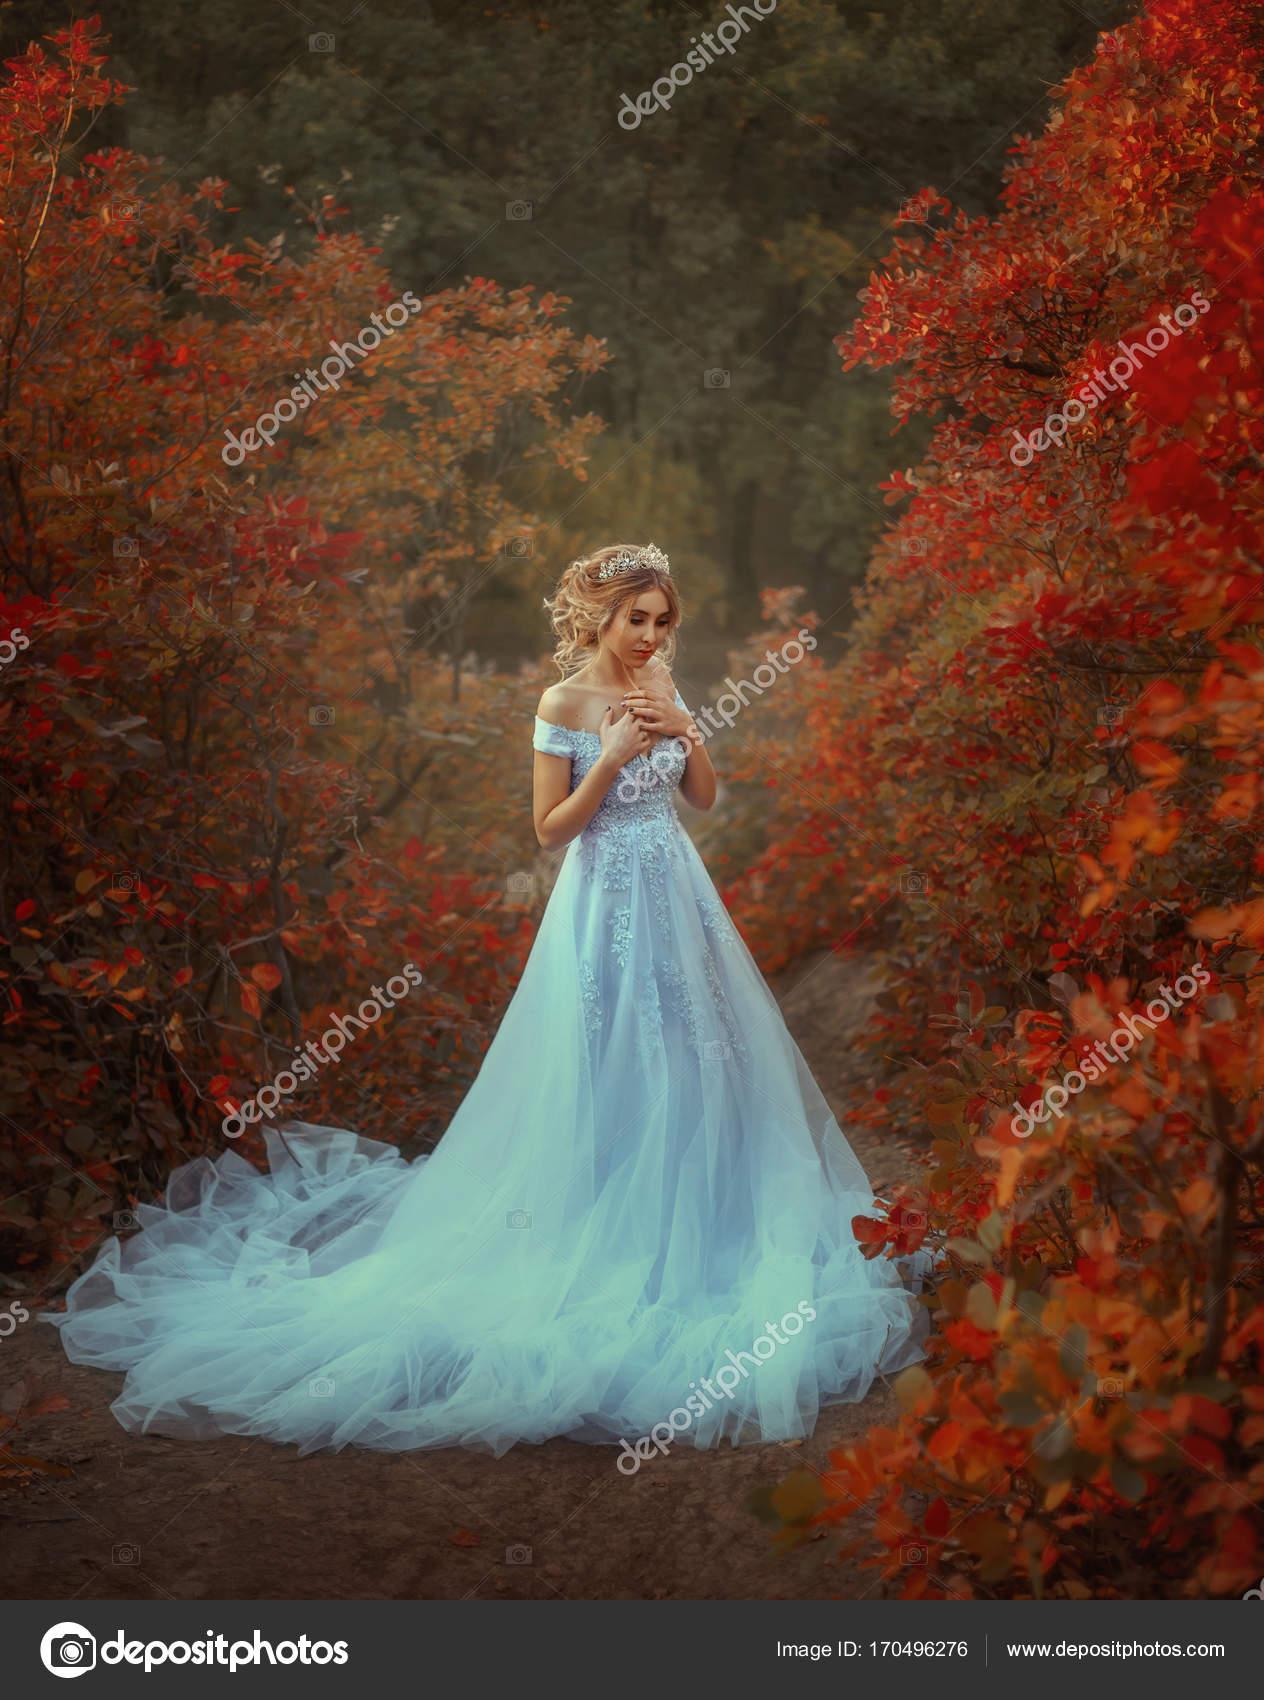 Молодая принцесса гуляет в красивом голубом платье ...